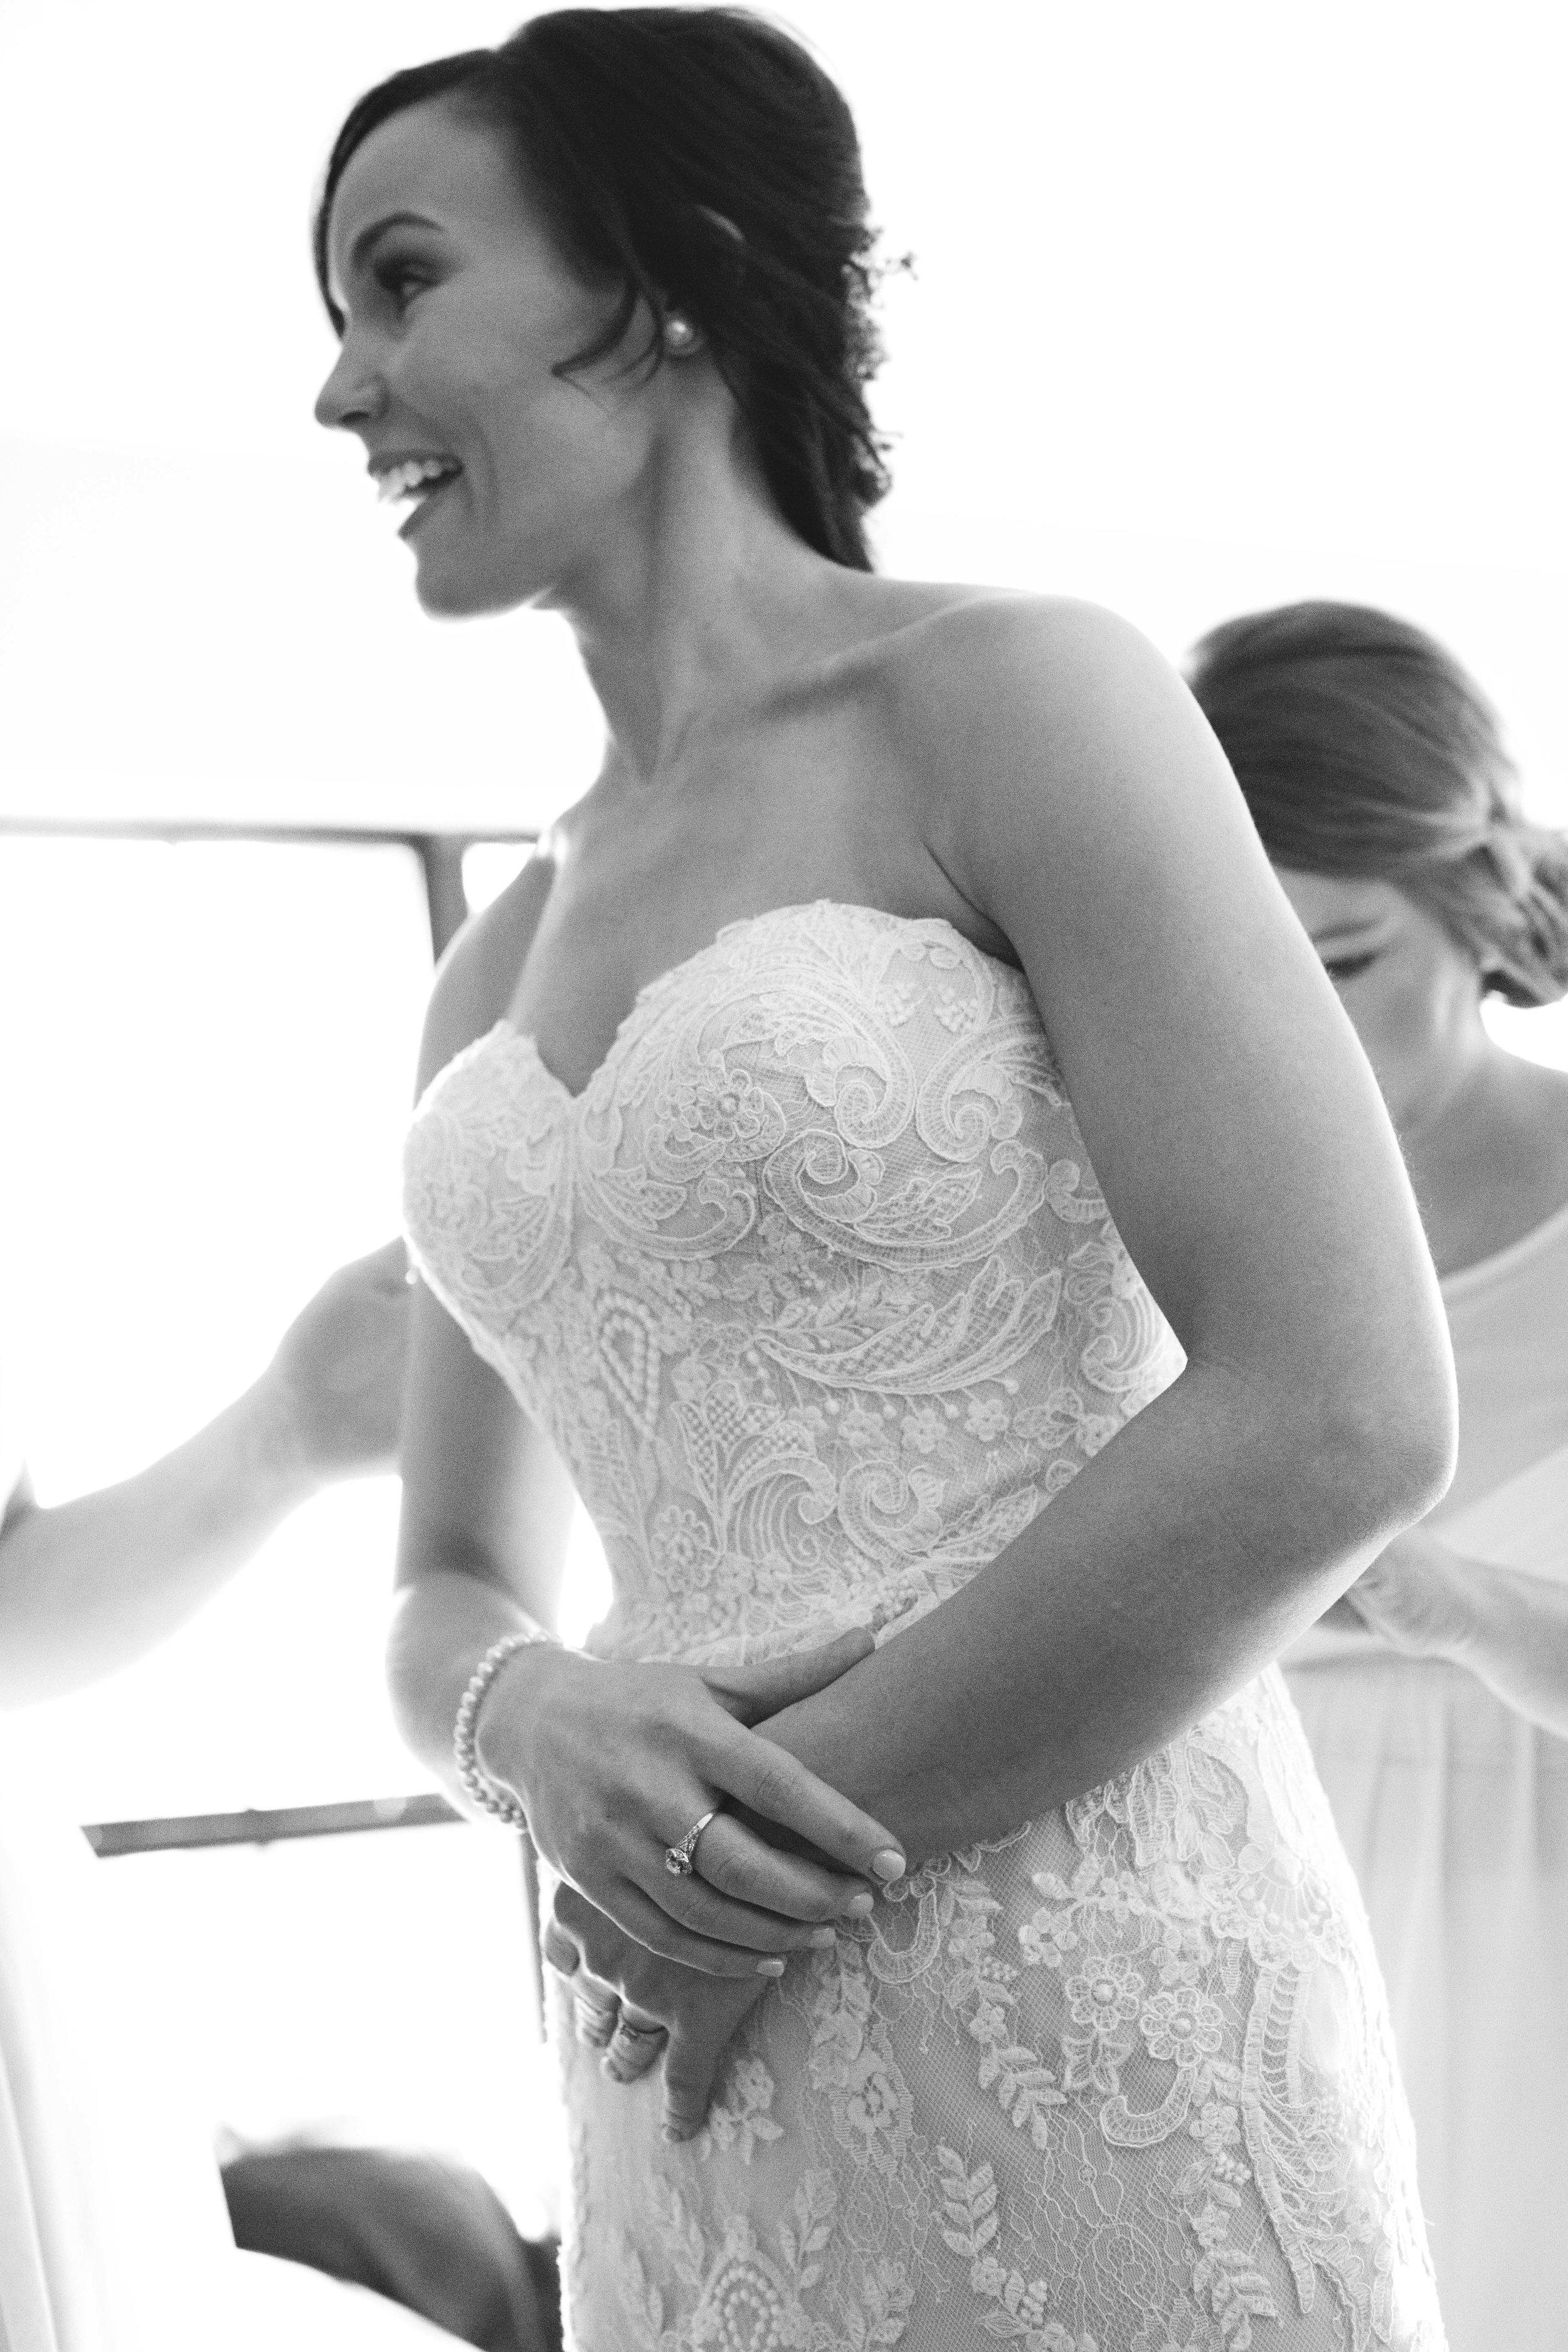 ATGI_Susanna & Matt Wedding_717A7232.jpg